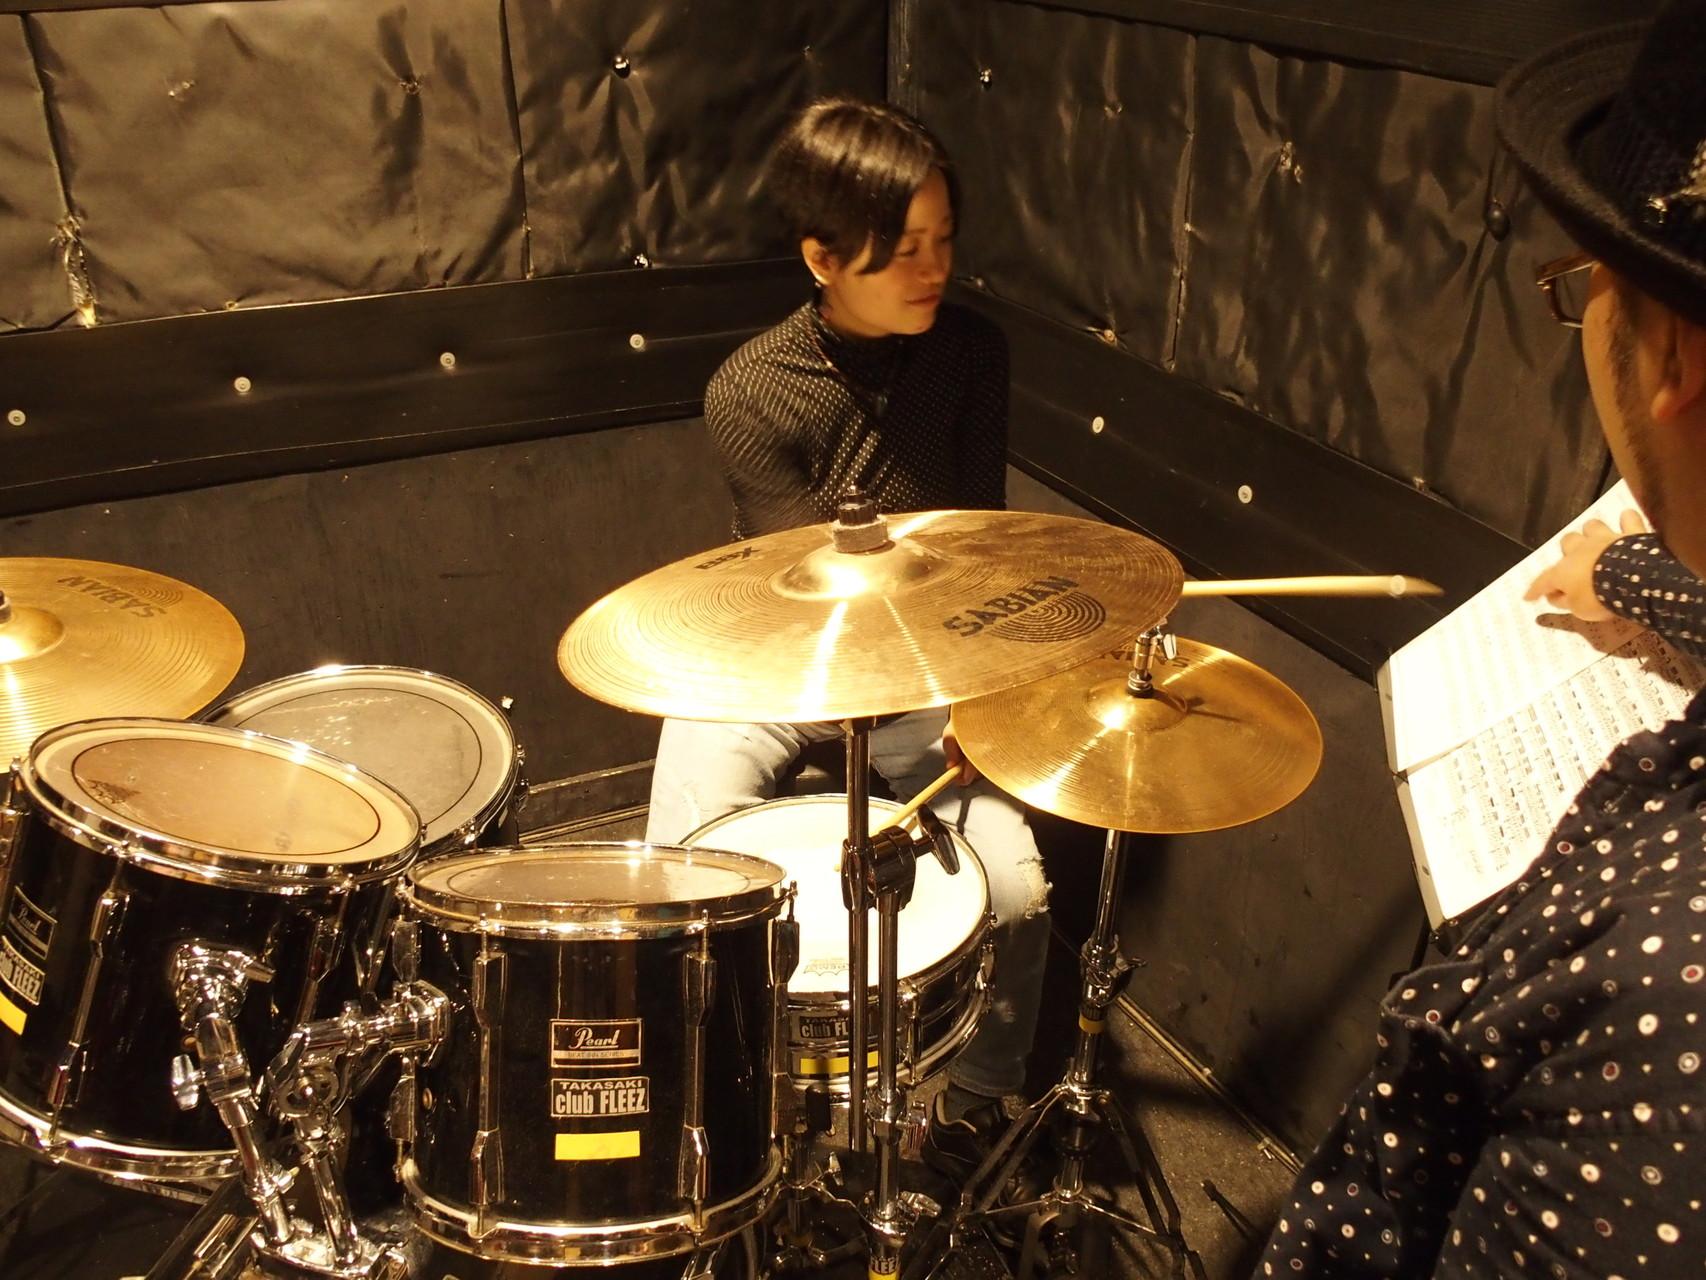 群馬県高崎市のライドオンドラムスクールの ドラム教室内でのレッスン風景